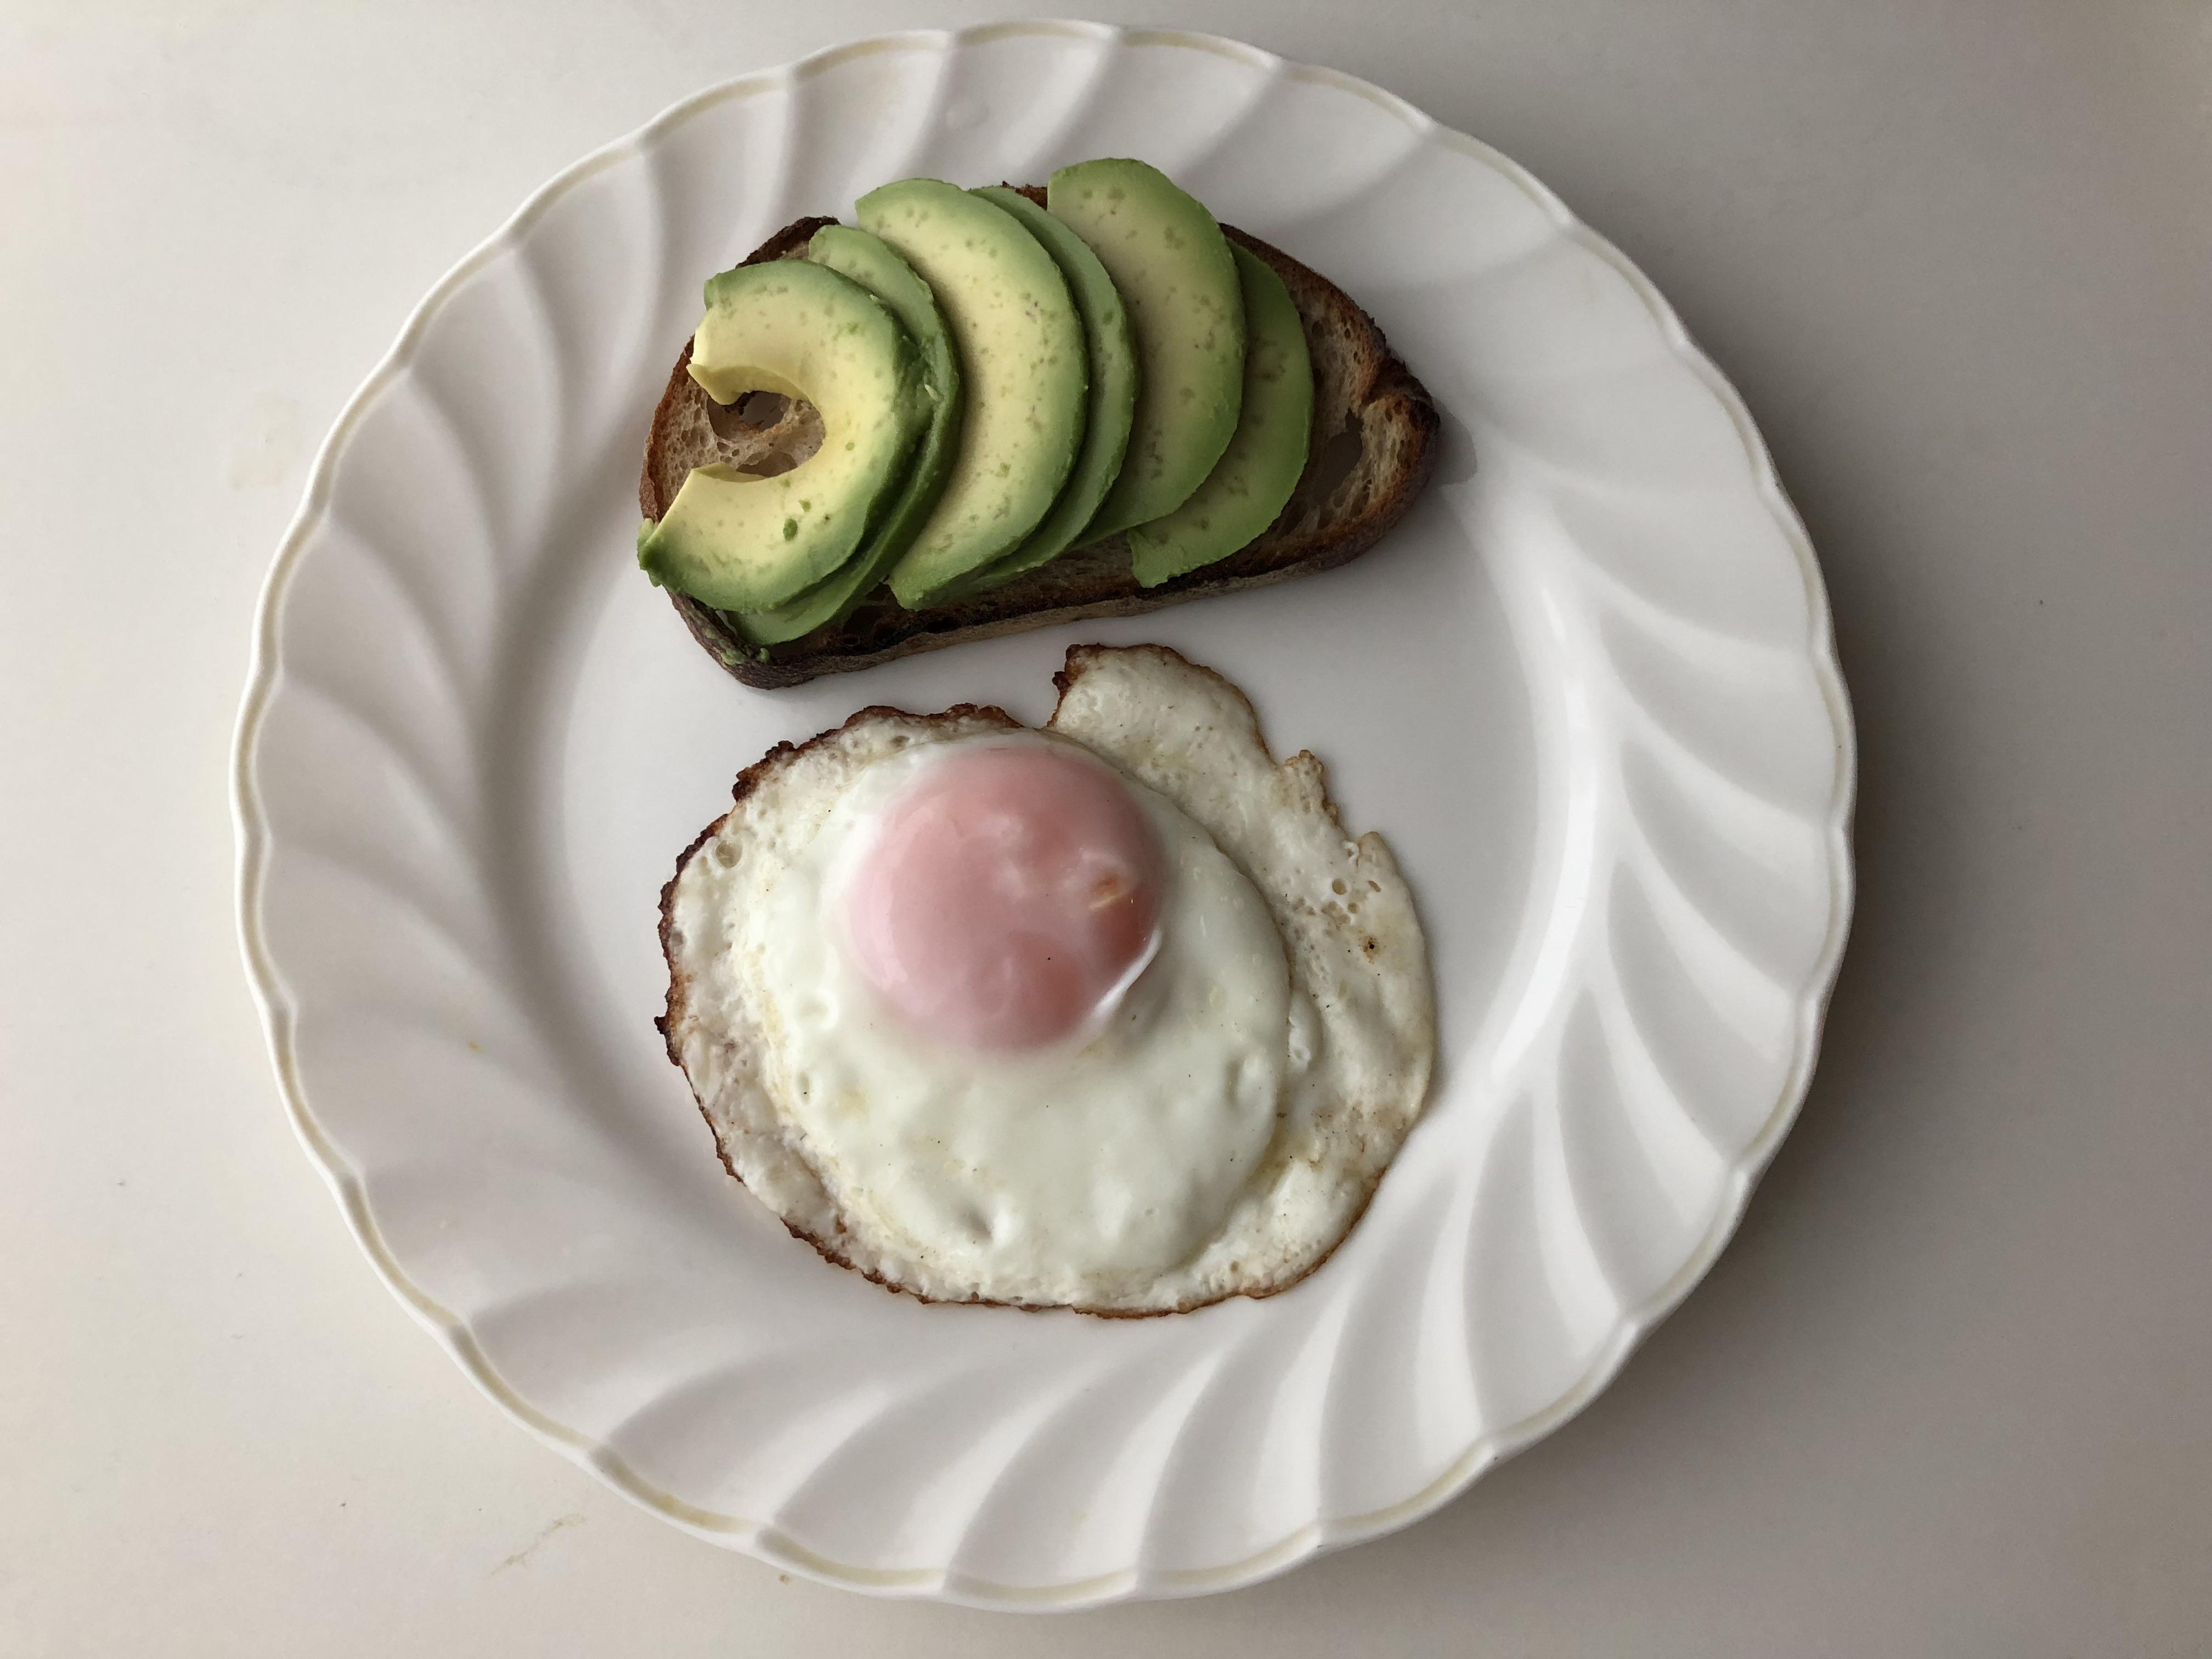 朝食にアボカドを食べてダイエット